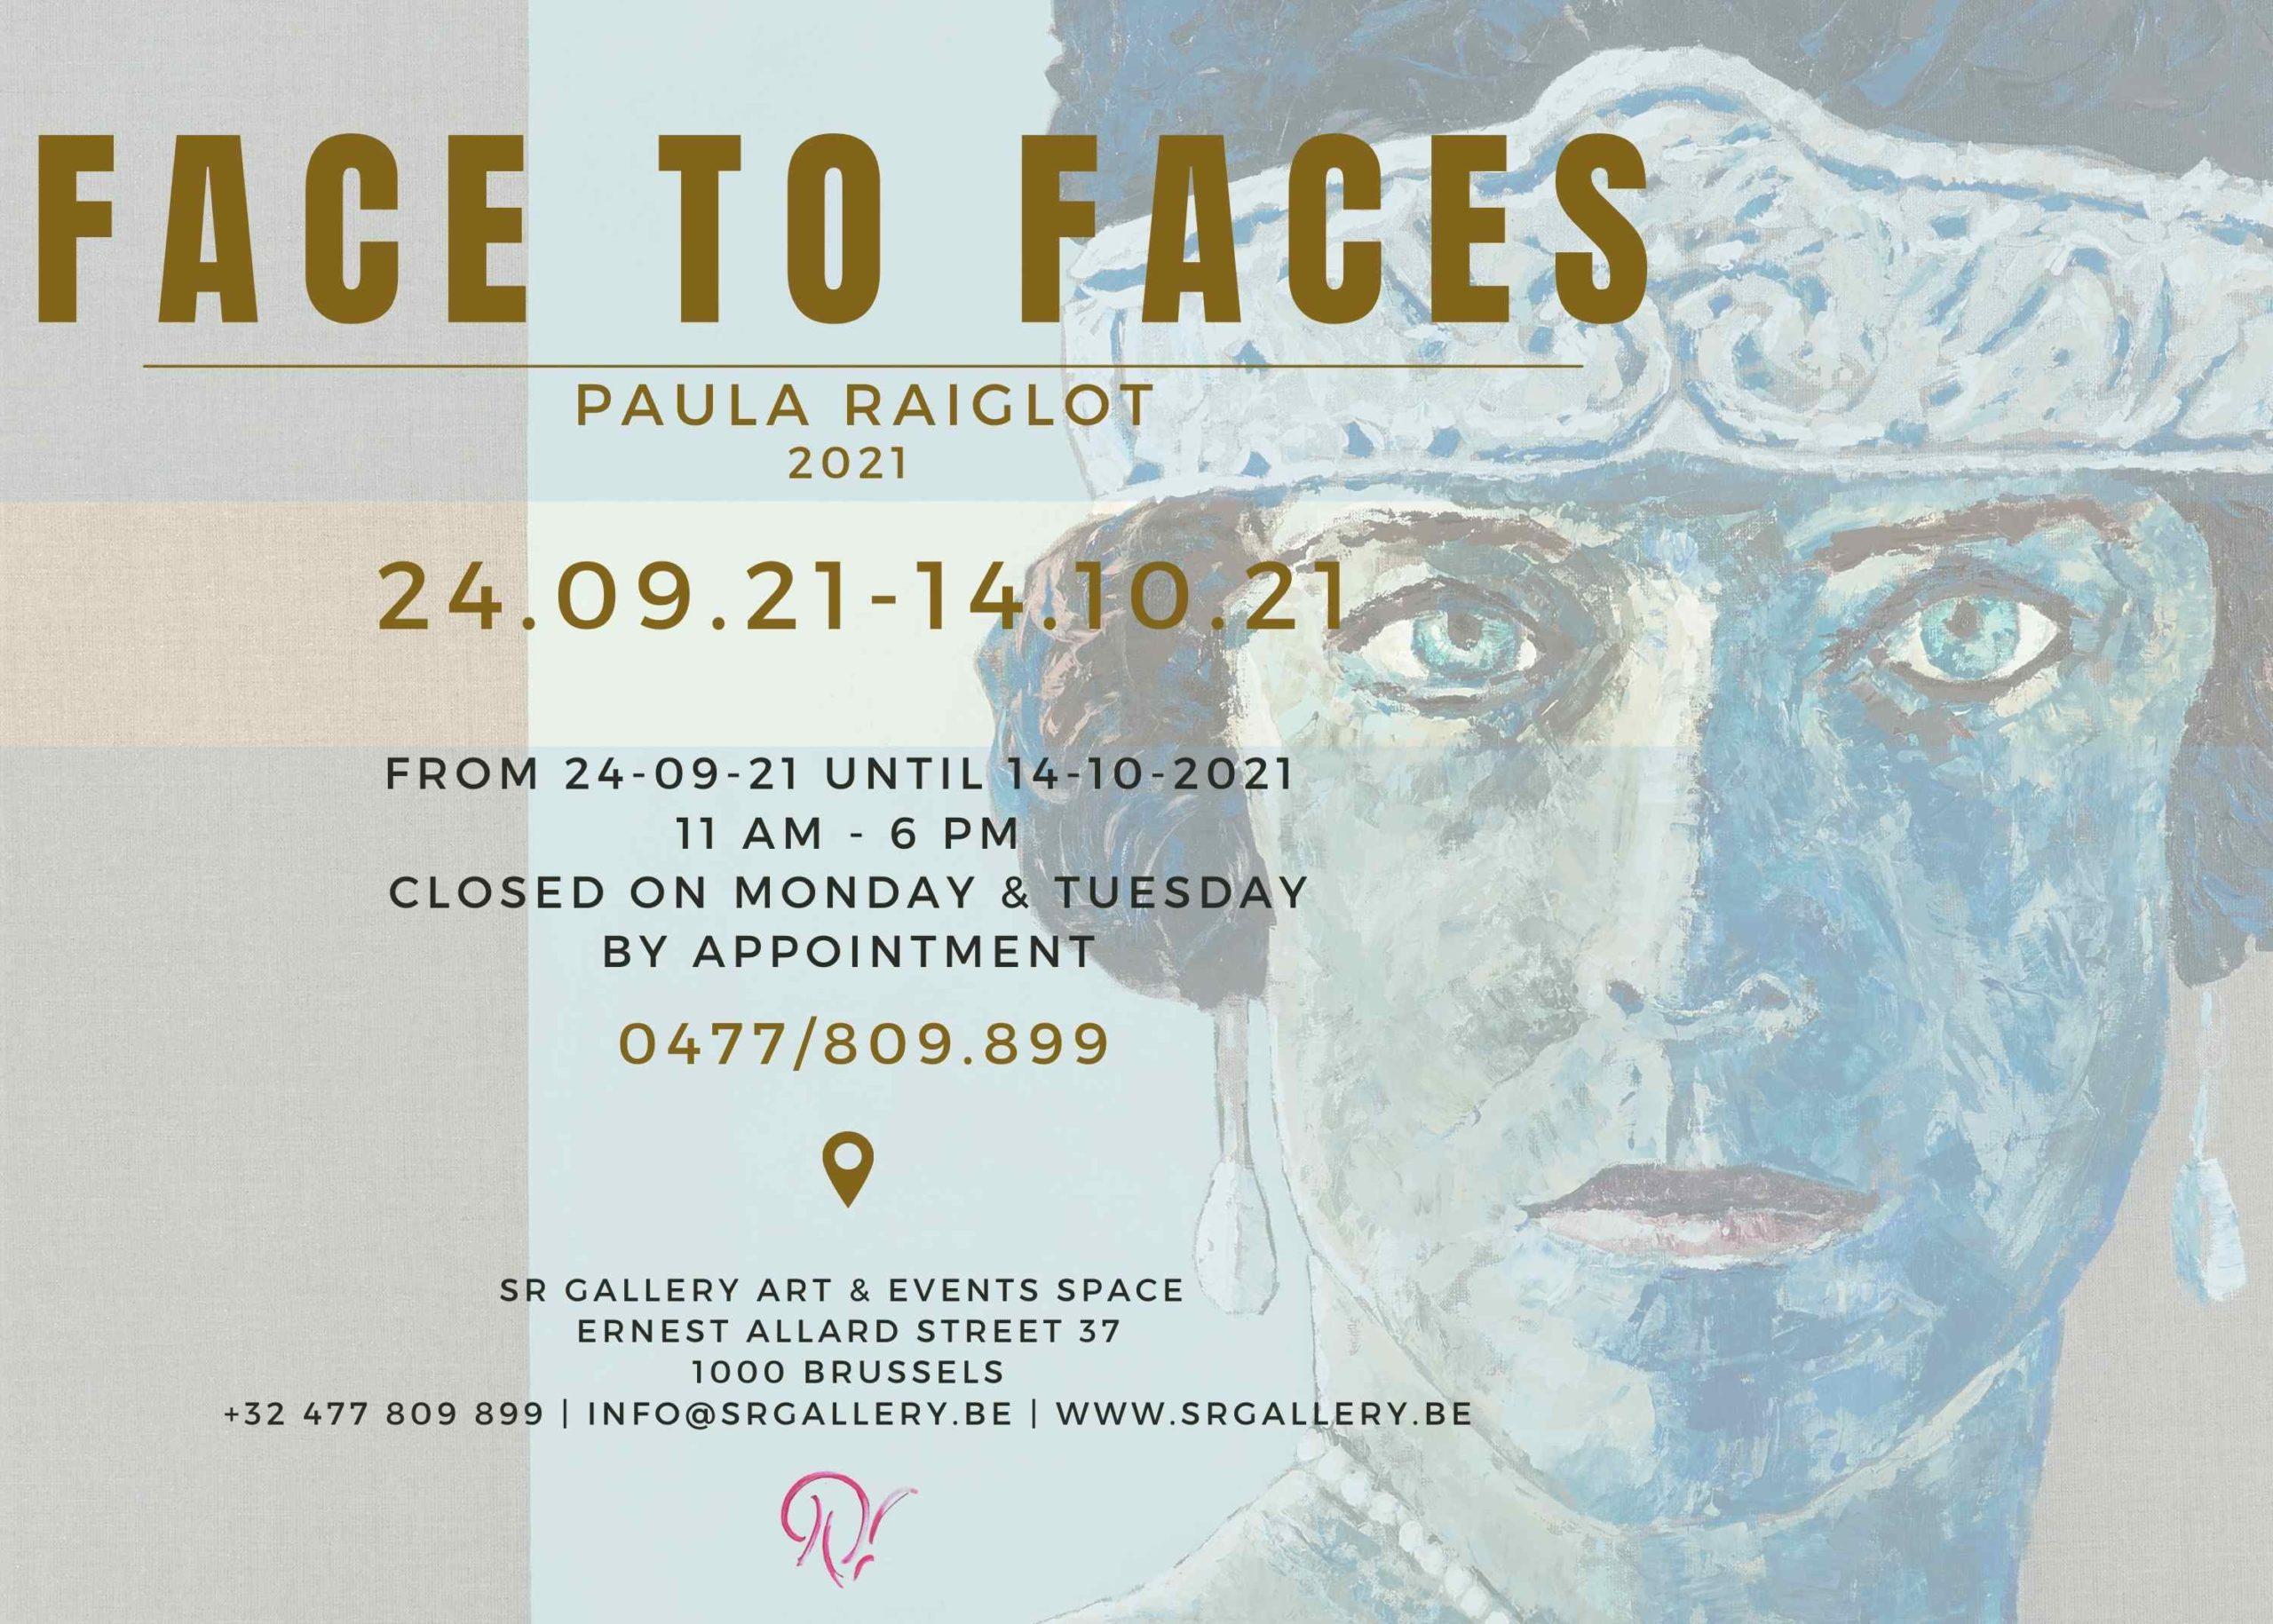 Expo Face to Faces de Paula Raiglot